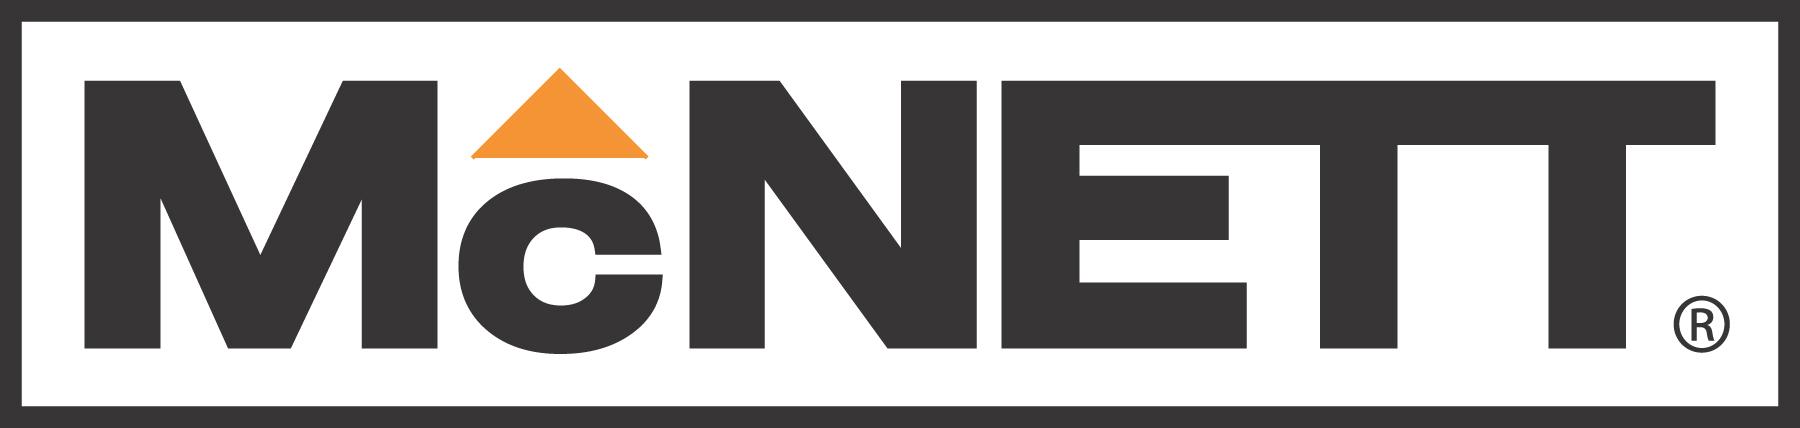 Колан за съхранение на пари и документи - McNett